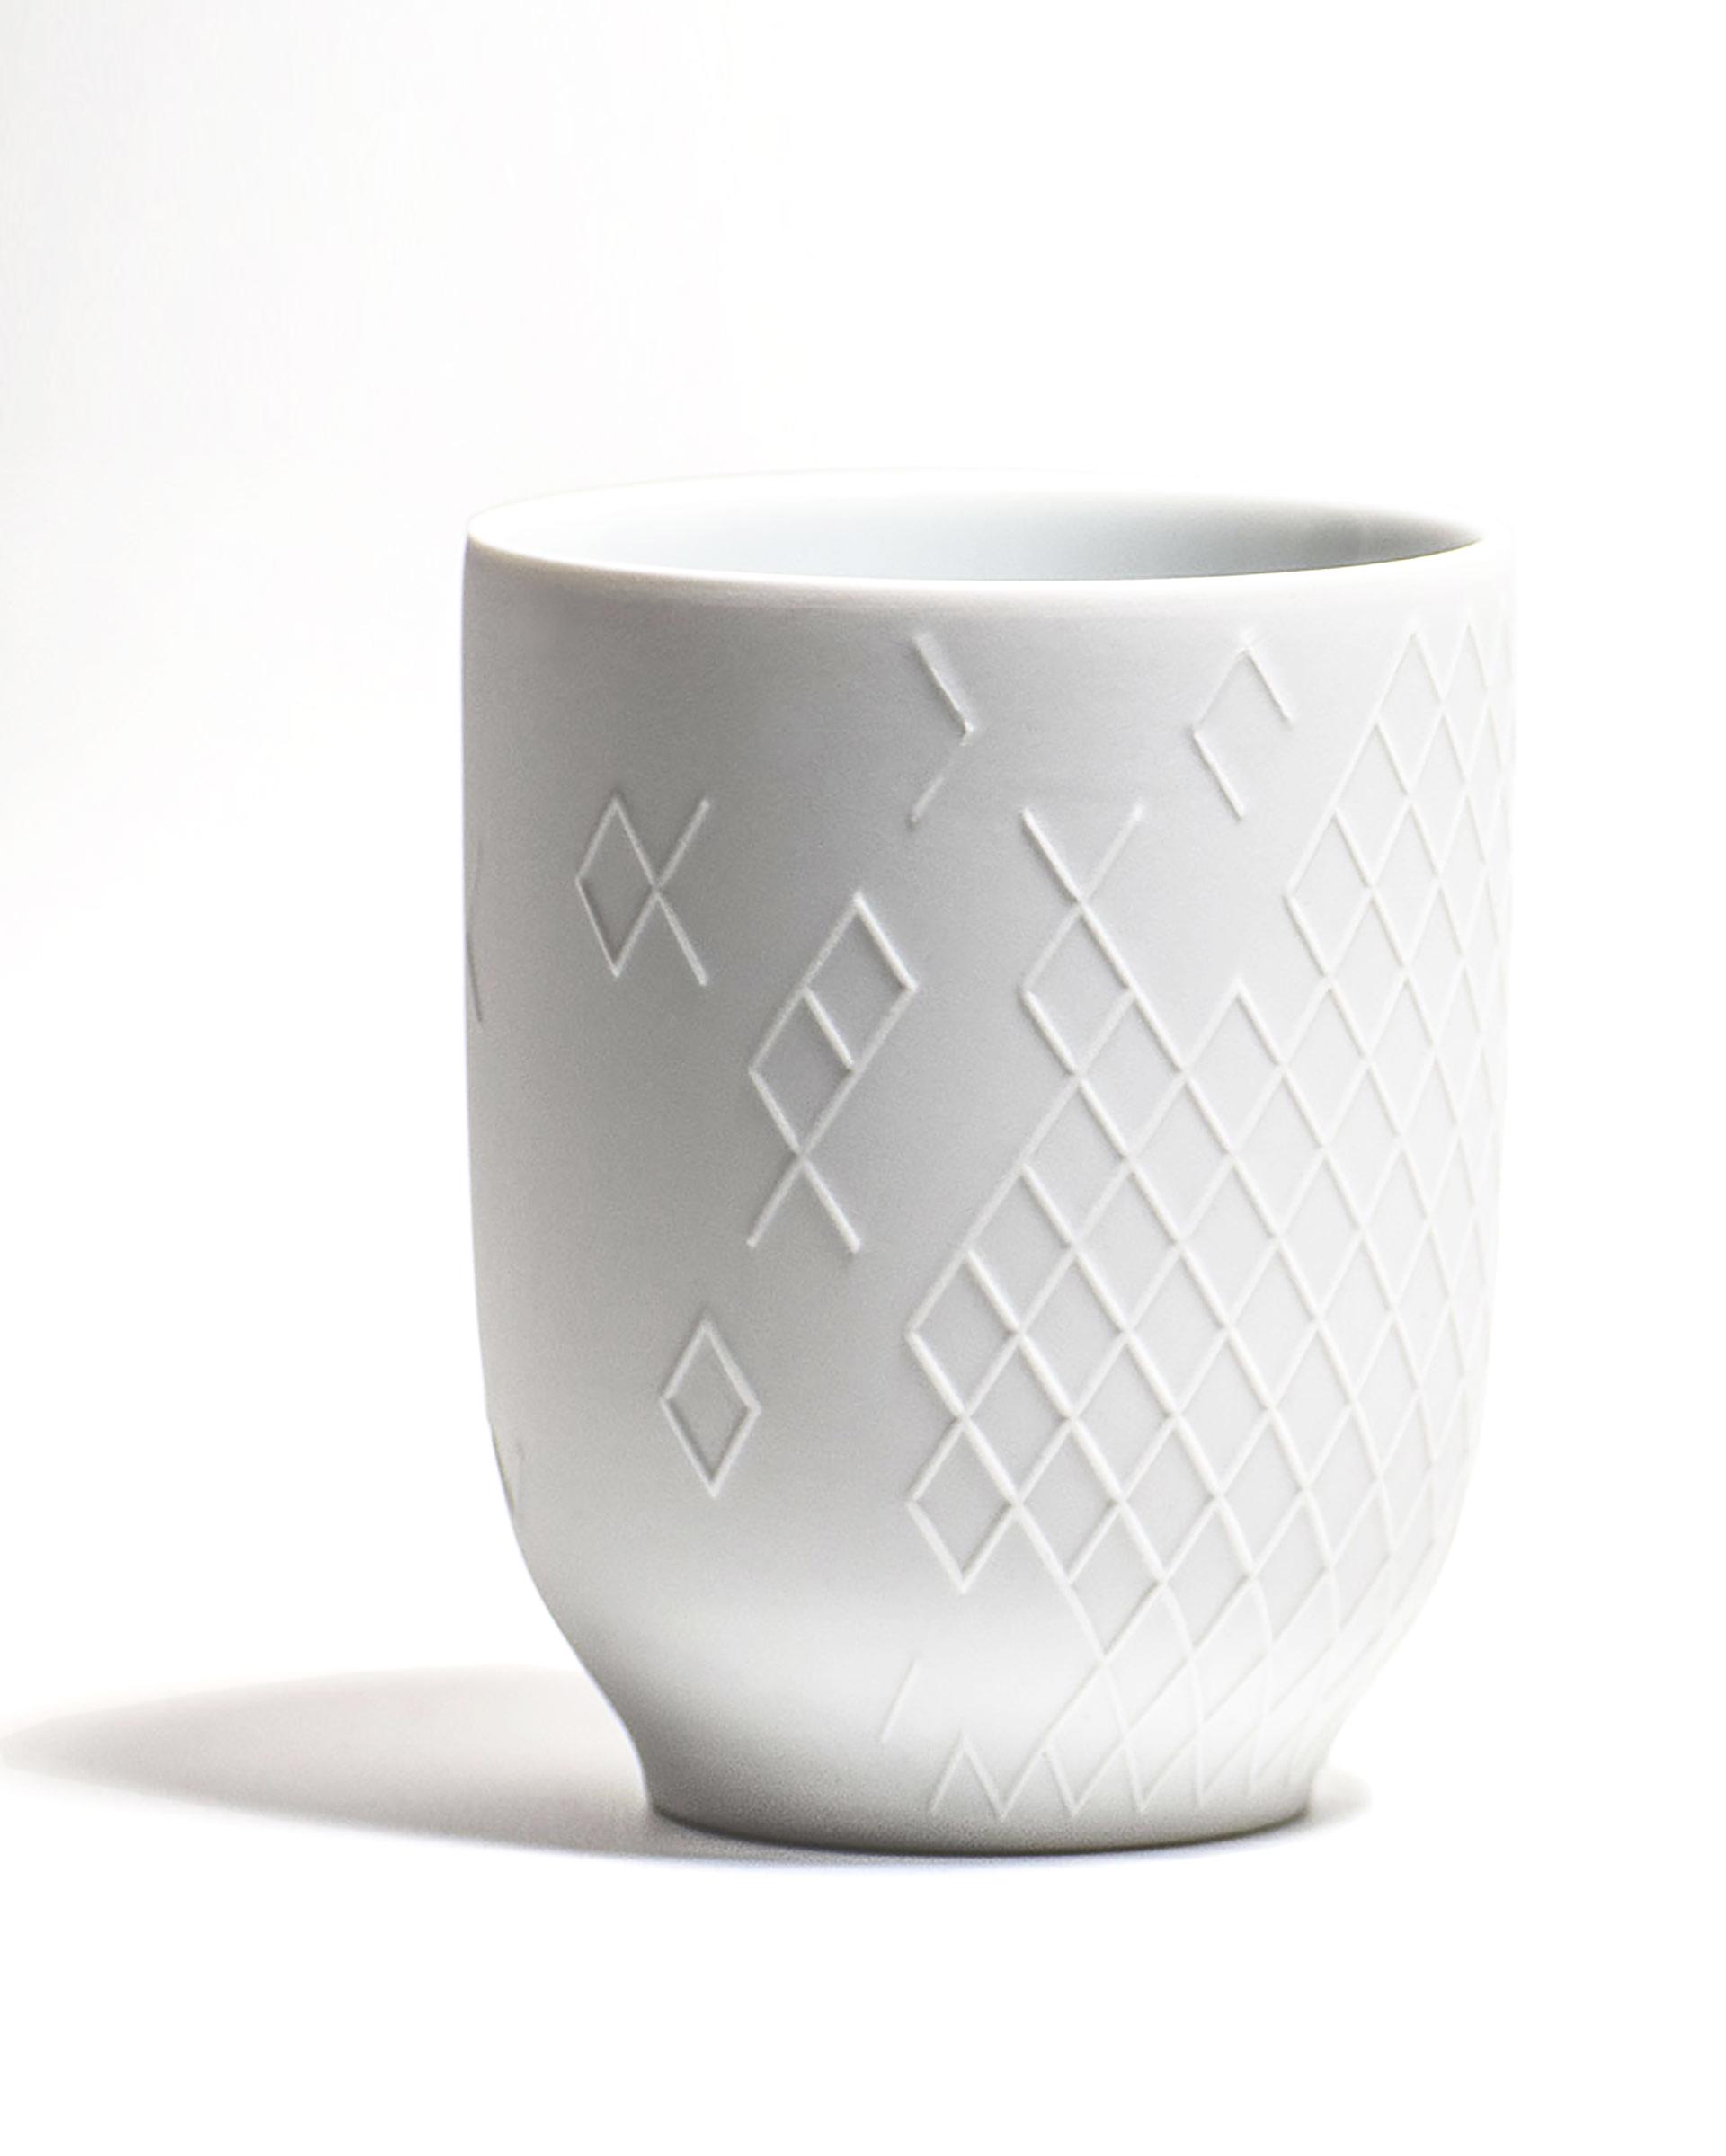 Berker Cup